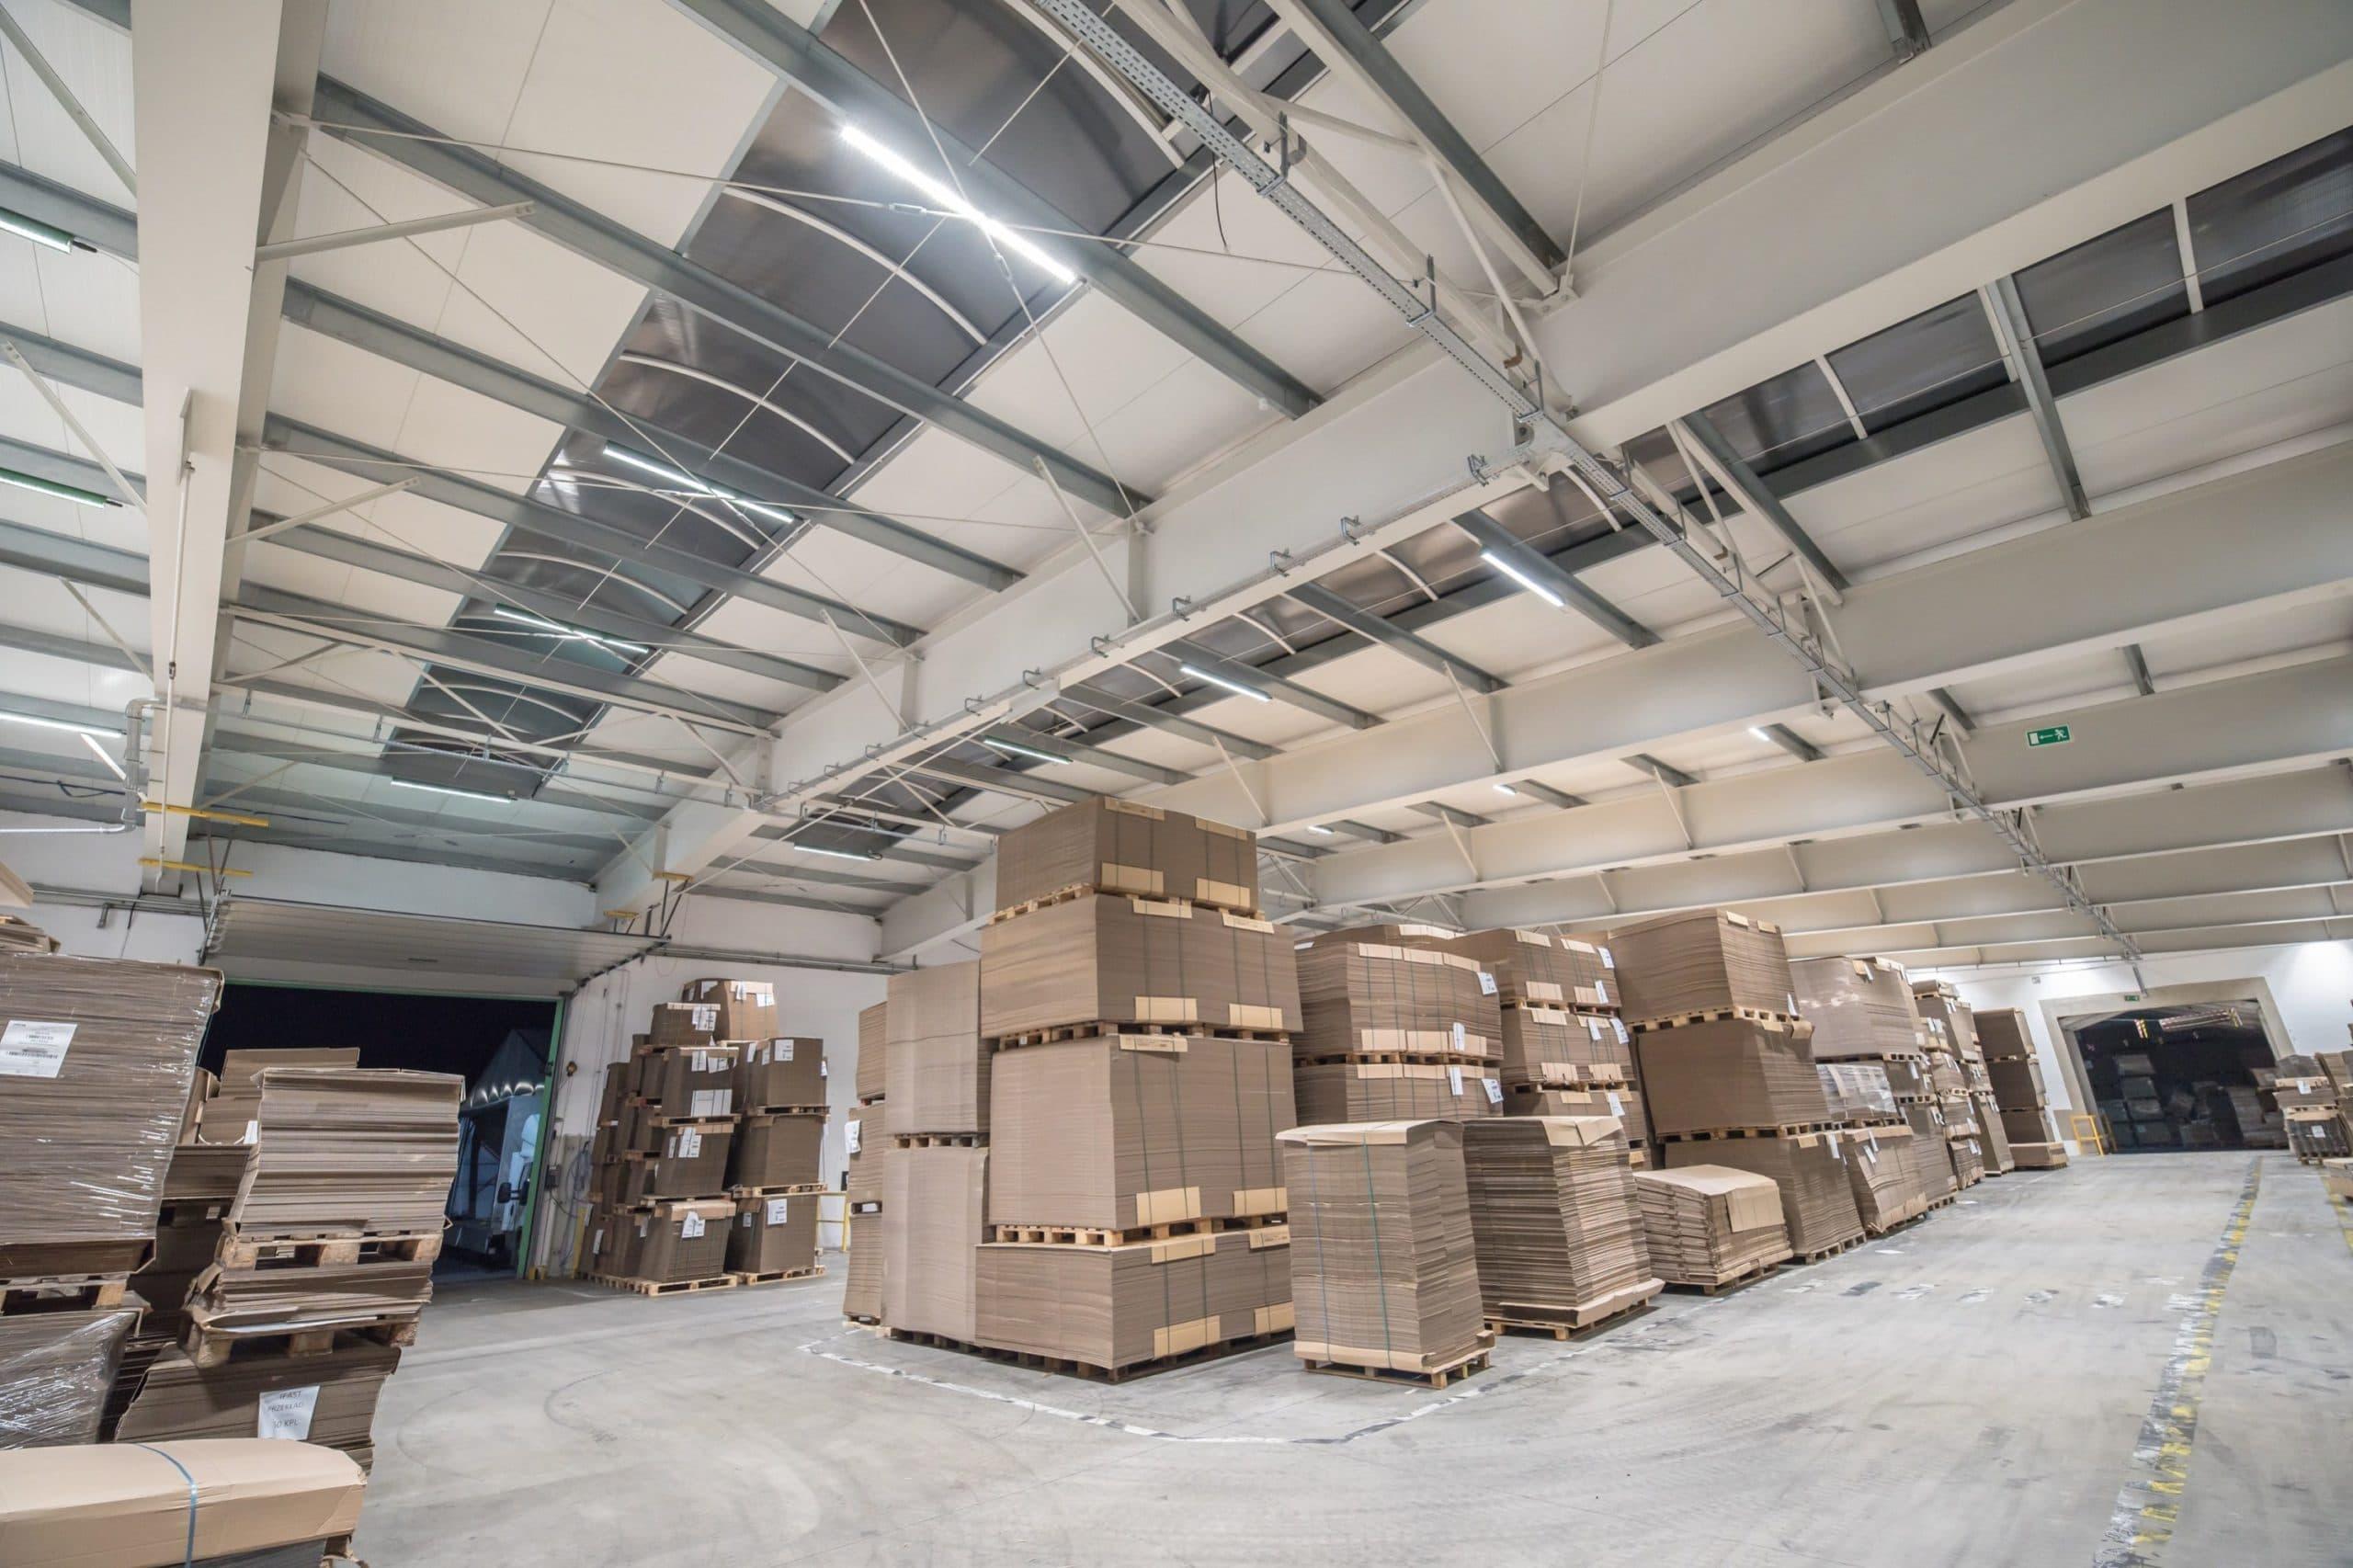 Sterowanie oświetleniem w zakładzie produkcyjnym